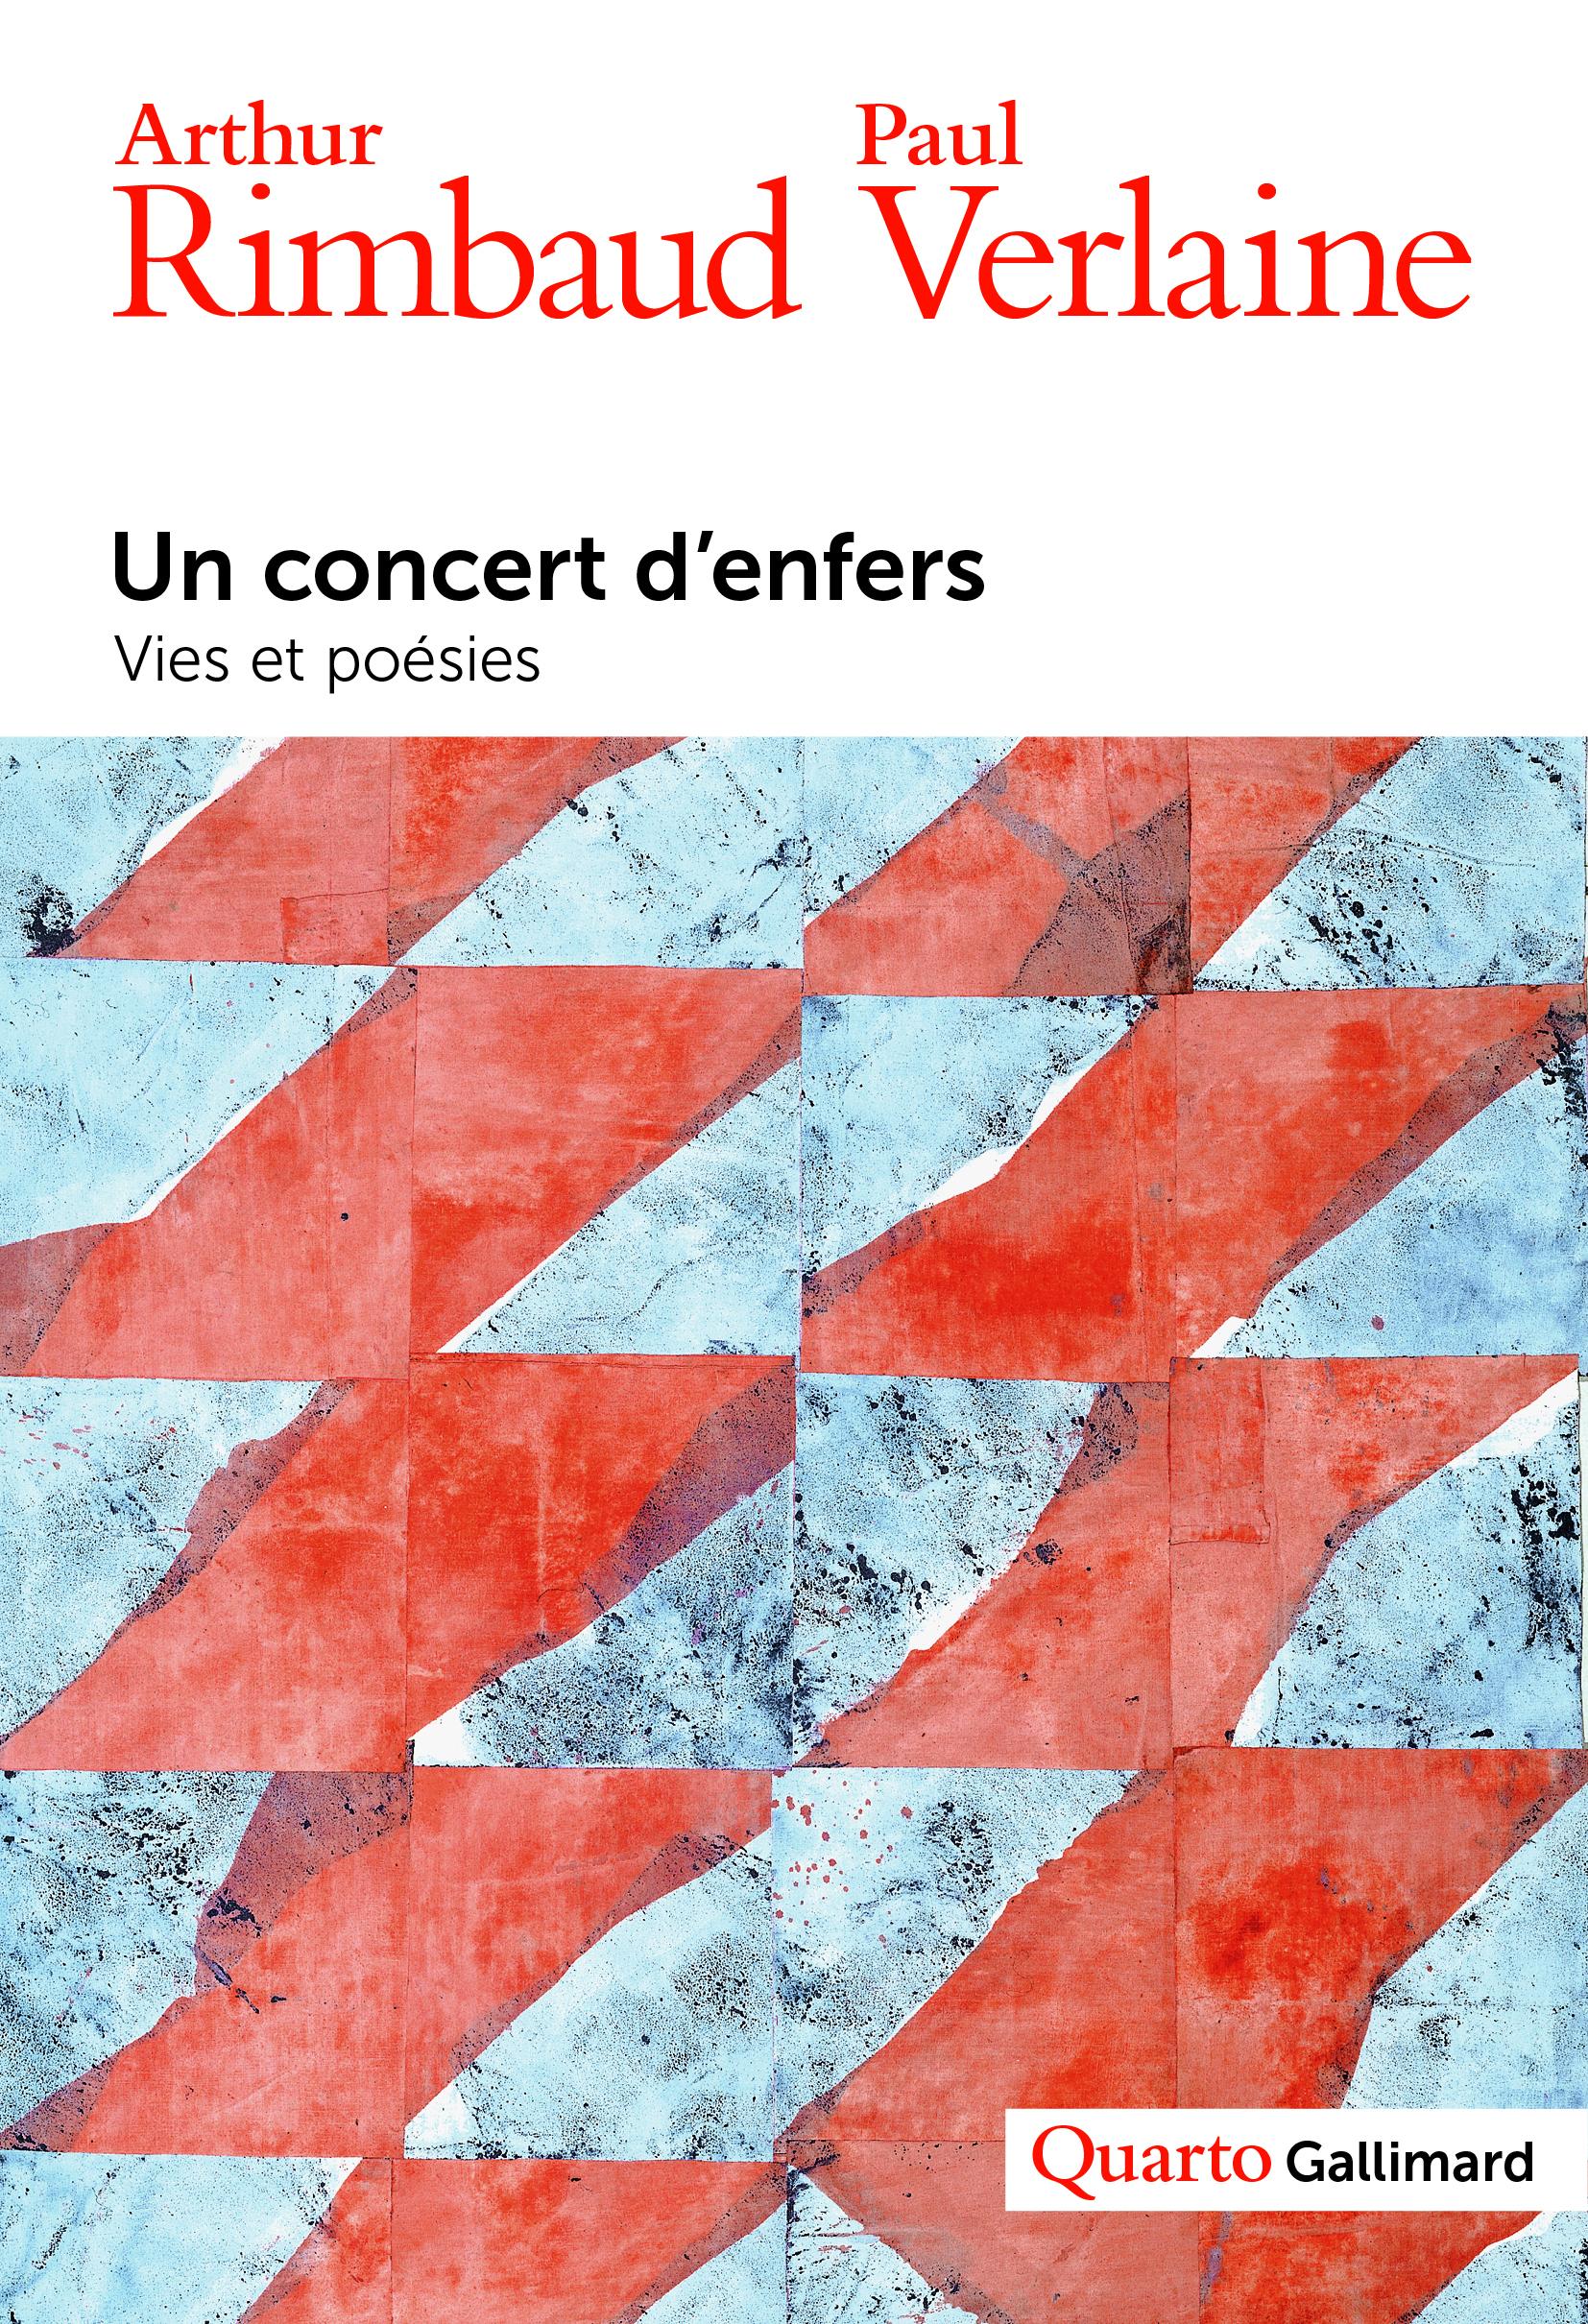 A. Rimbaud, P. Verlaine, Un concert d'enfers (éd. S. Dupas, Y. Frémy & H. Scepi, Quarto Gallimard)